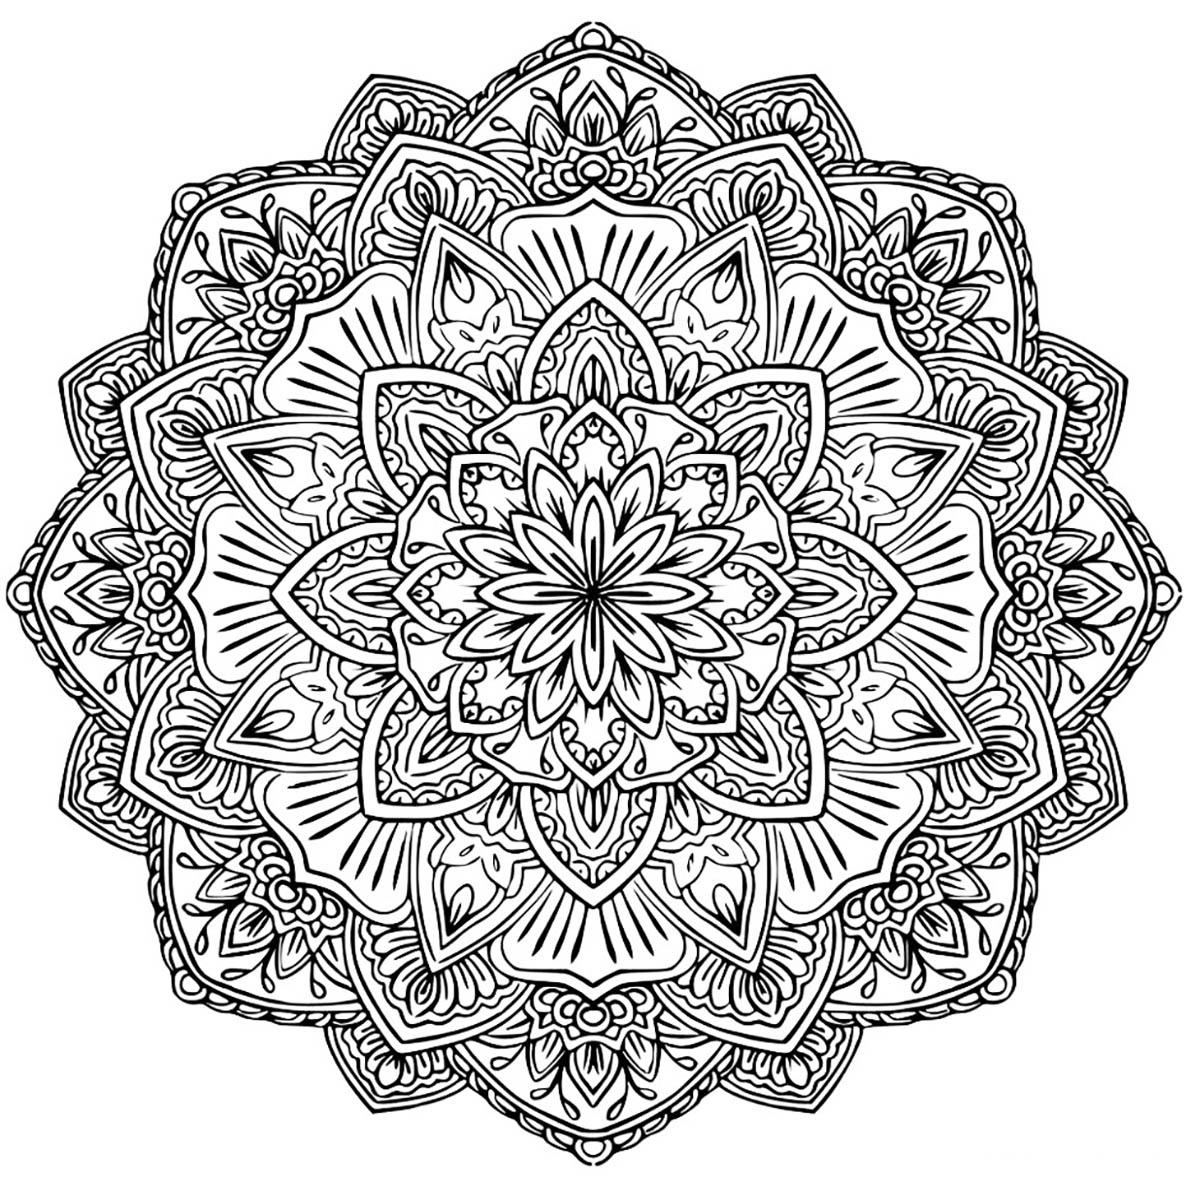 Mandala A Colorier Gratuit Fleurs Difficile - Mandalas ...